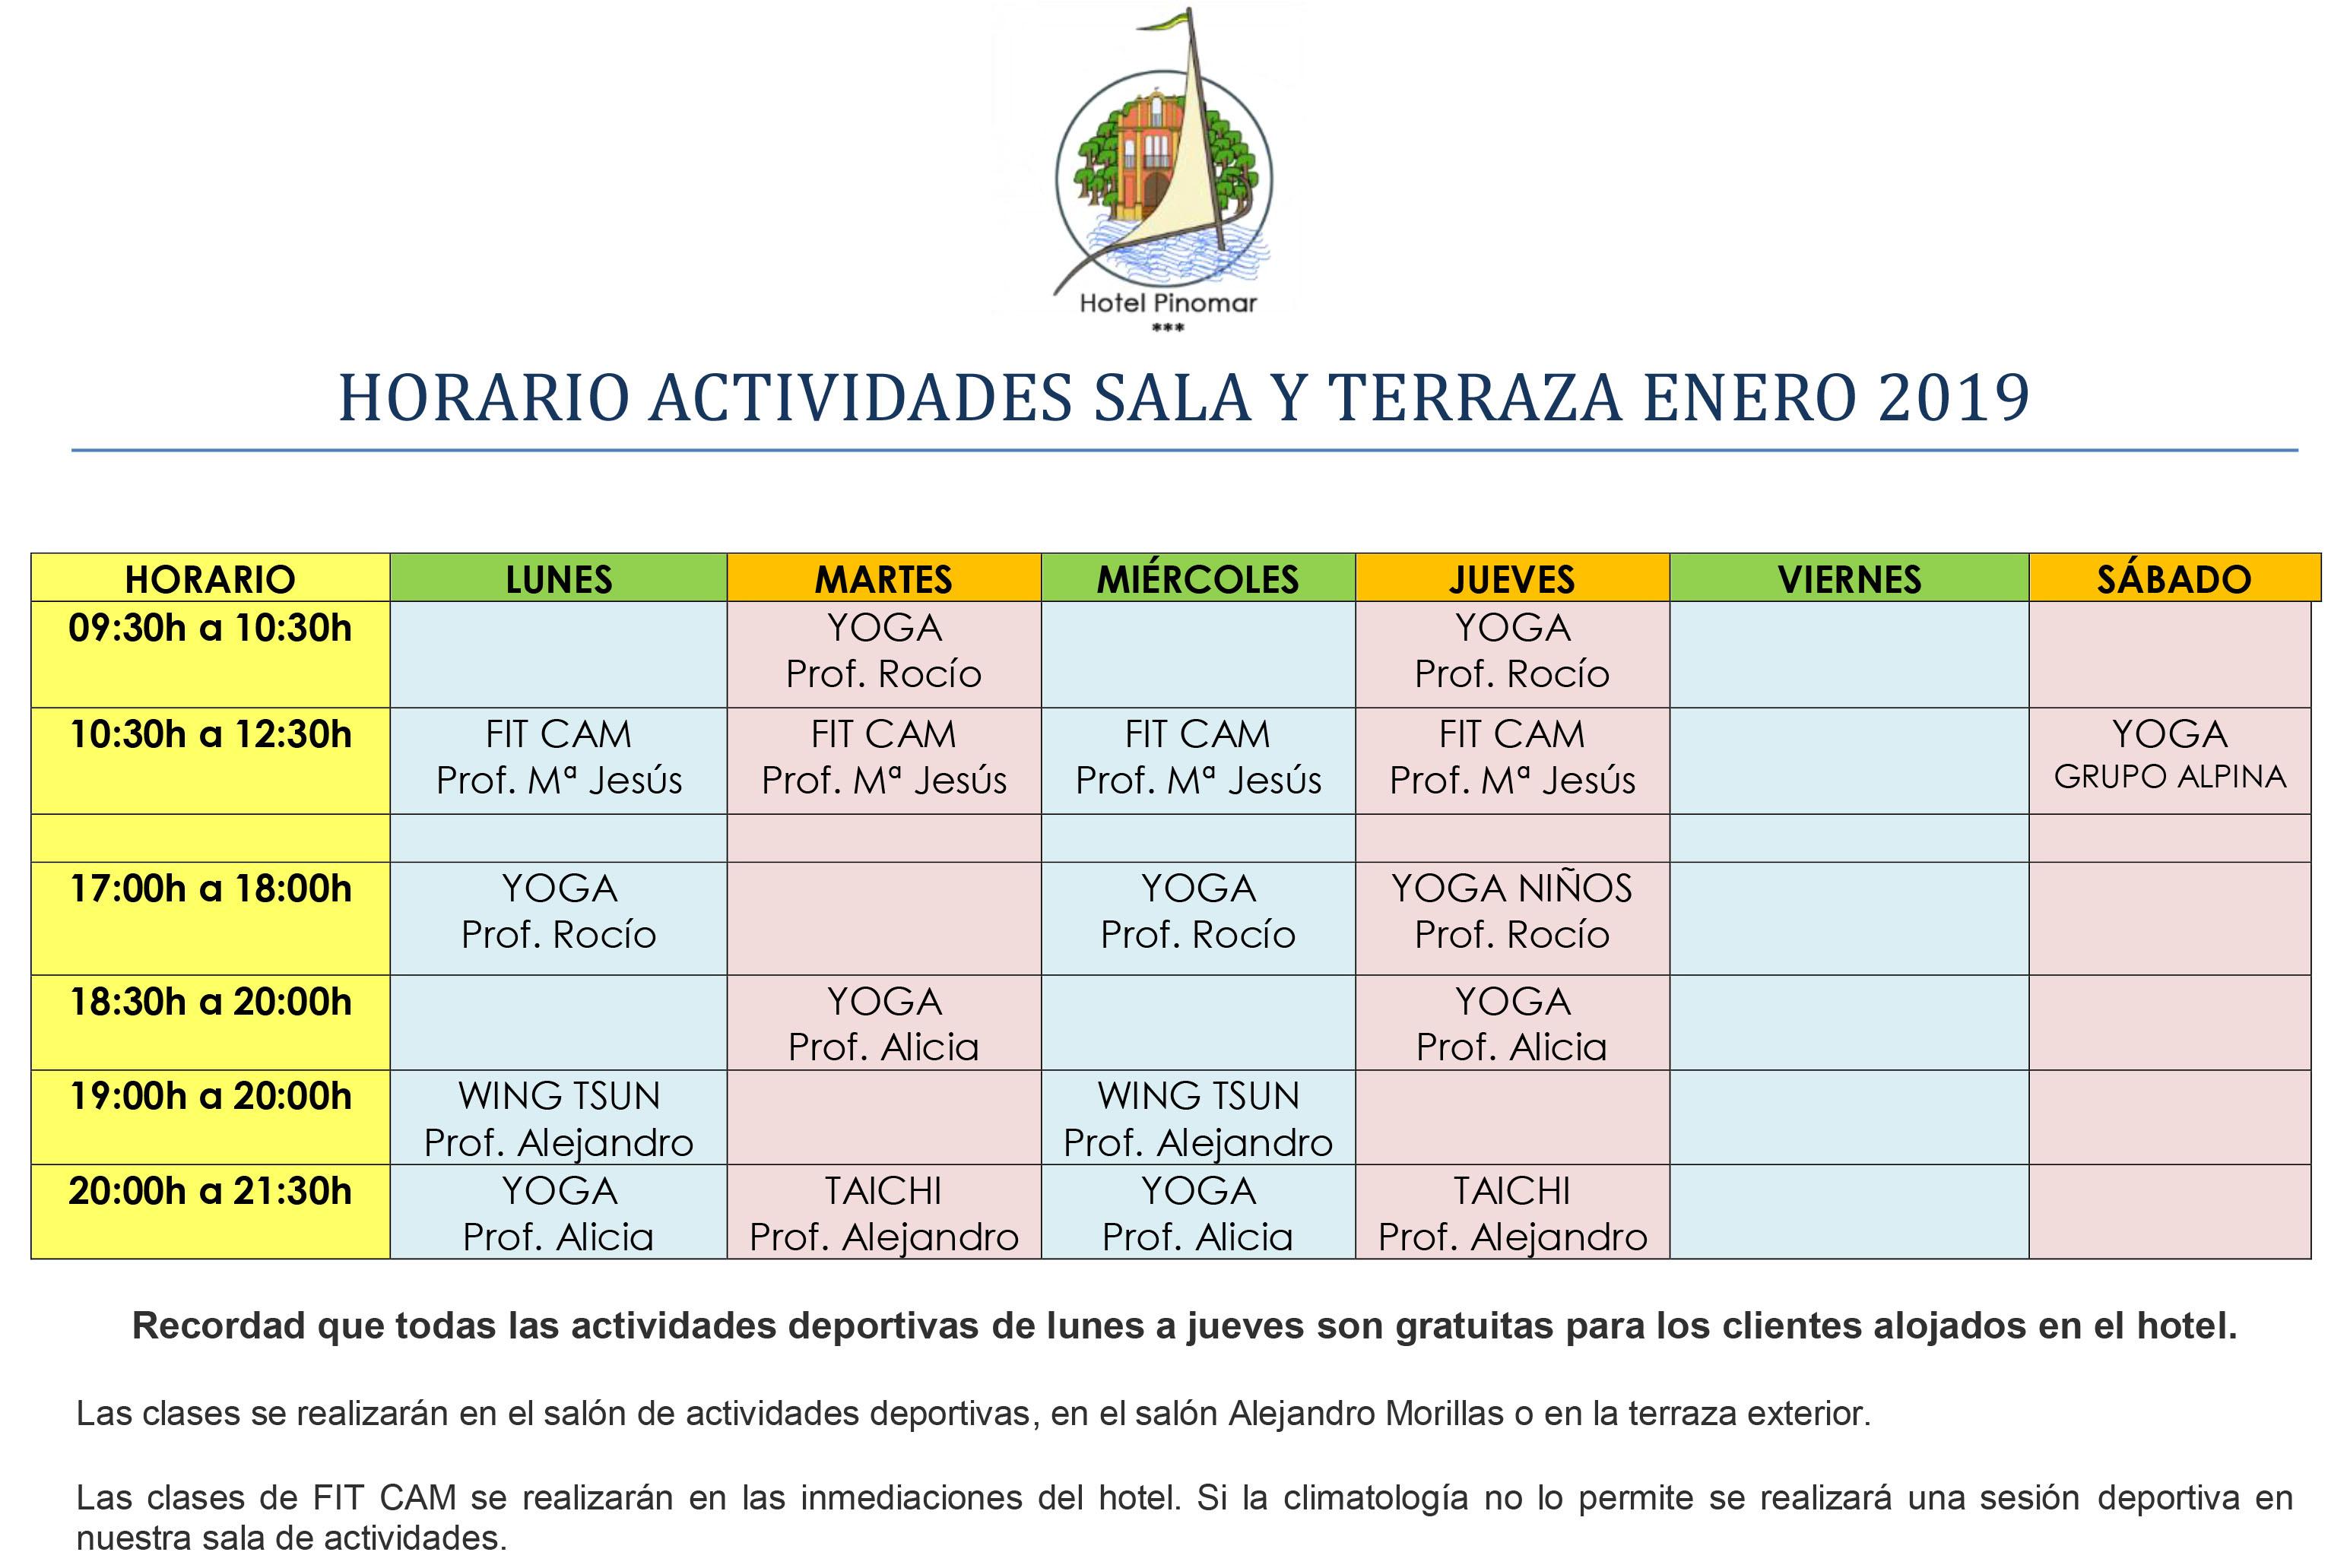 HORARIO ACTIVIDADES DIRIGIDAS ENERO 2019